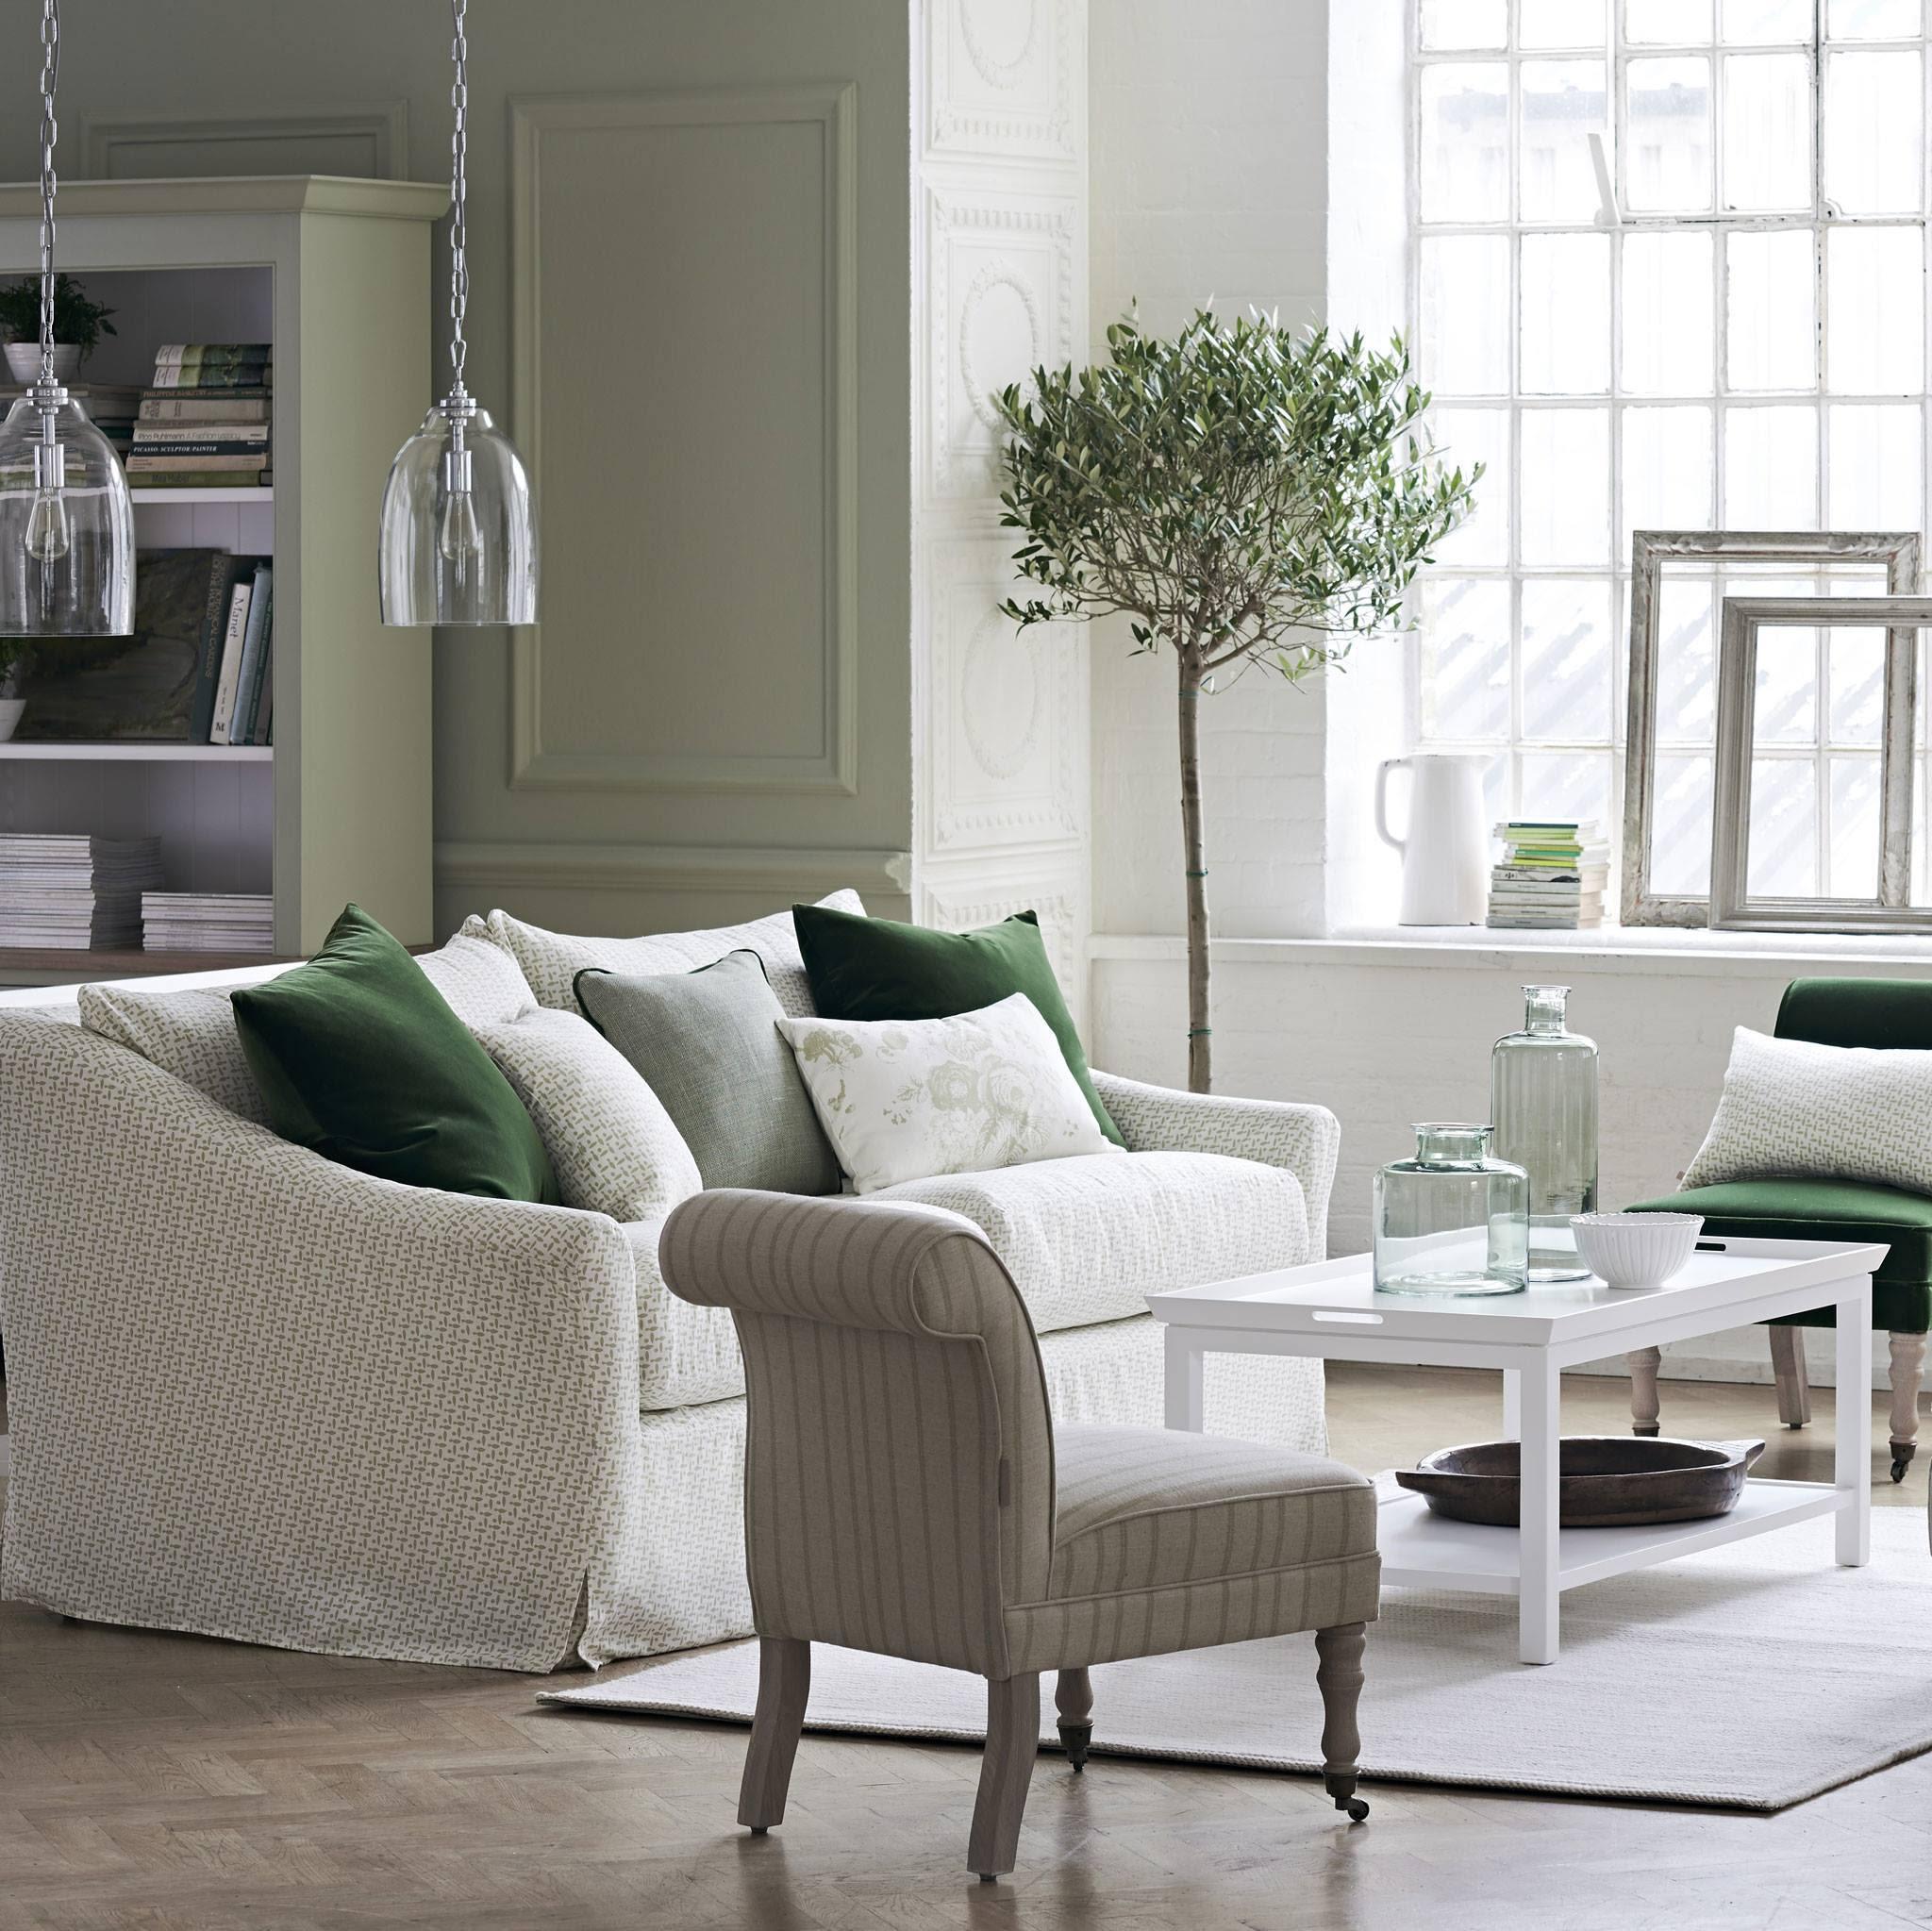 Sofa Landhaus Landhausstil Holz Luxus Ikea S5d8 Ideen Big ...